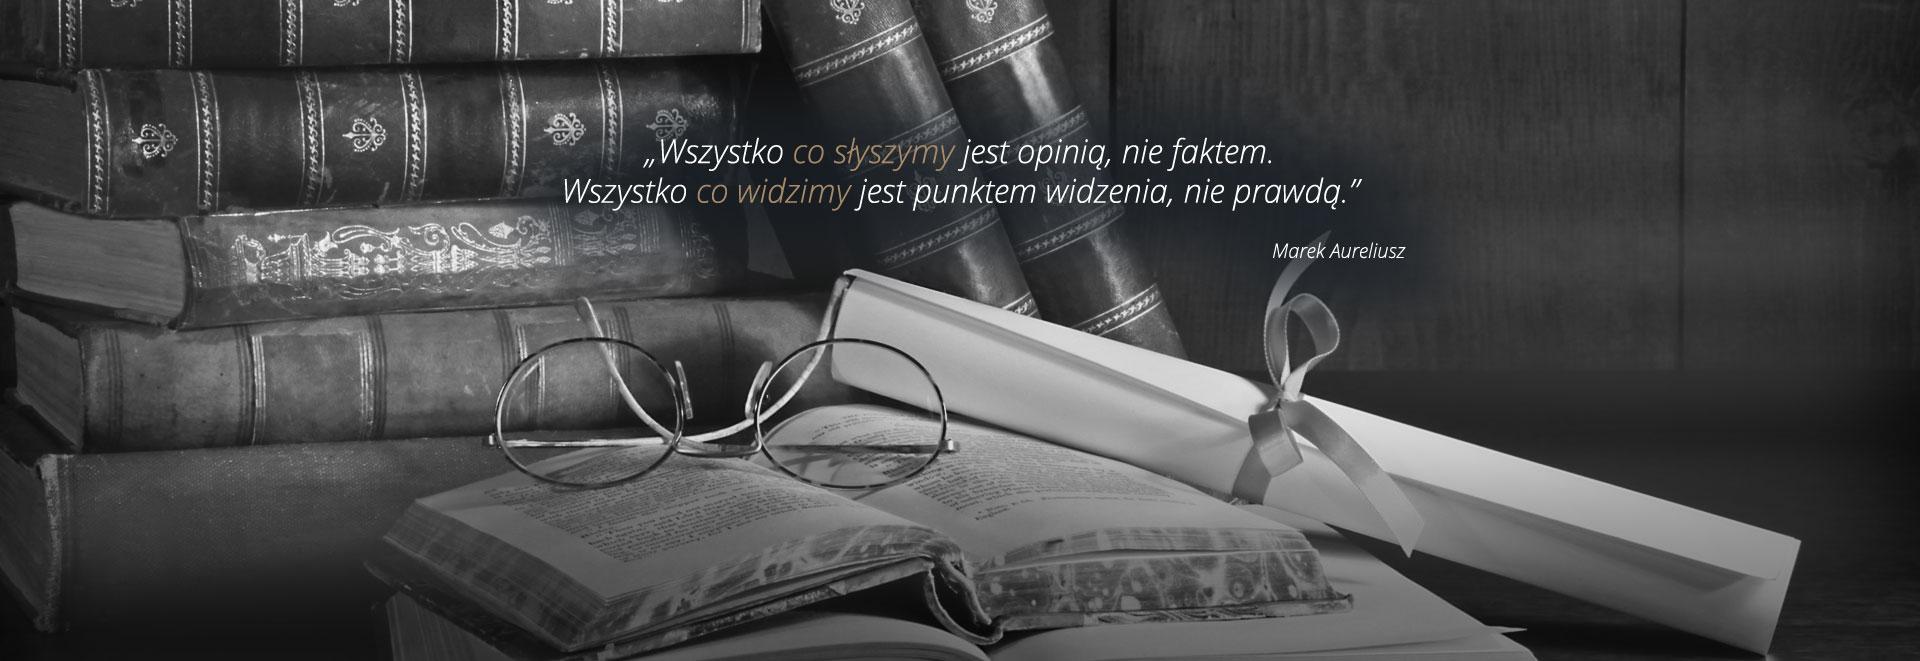 EIG LAW & TAX – Kancelaria Adwokacka, Księgowość, Windykacja, Skup i Sprzedaż Spółek | Poznań